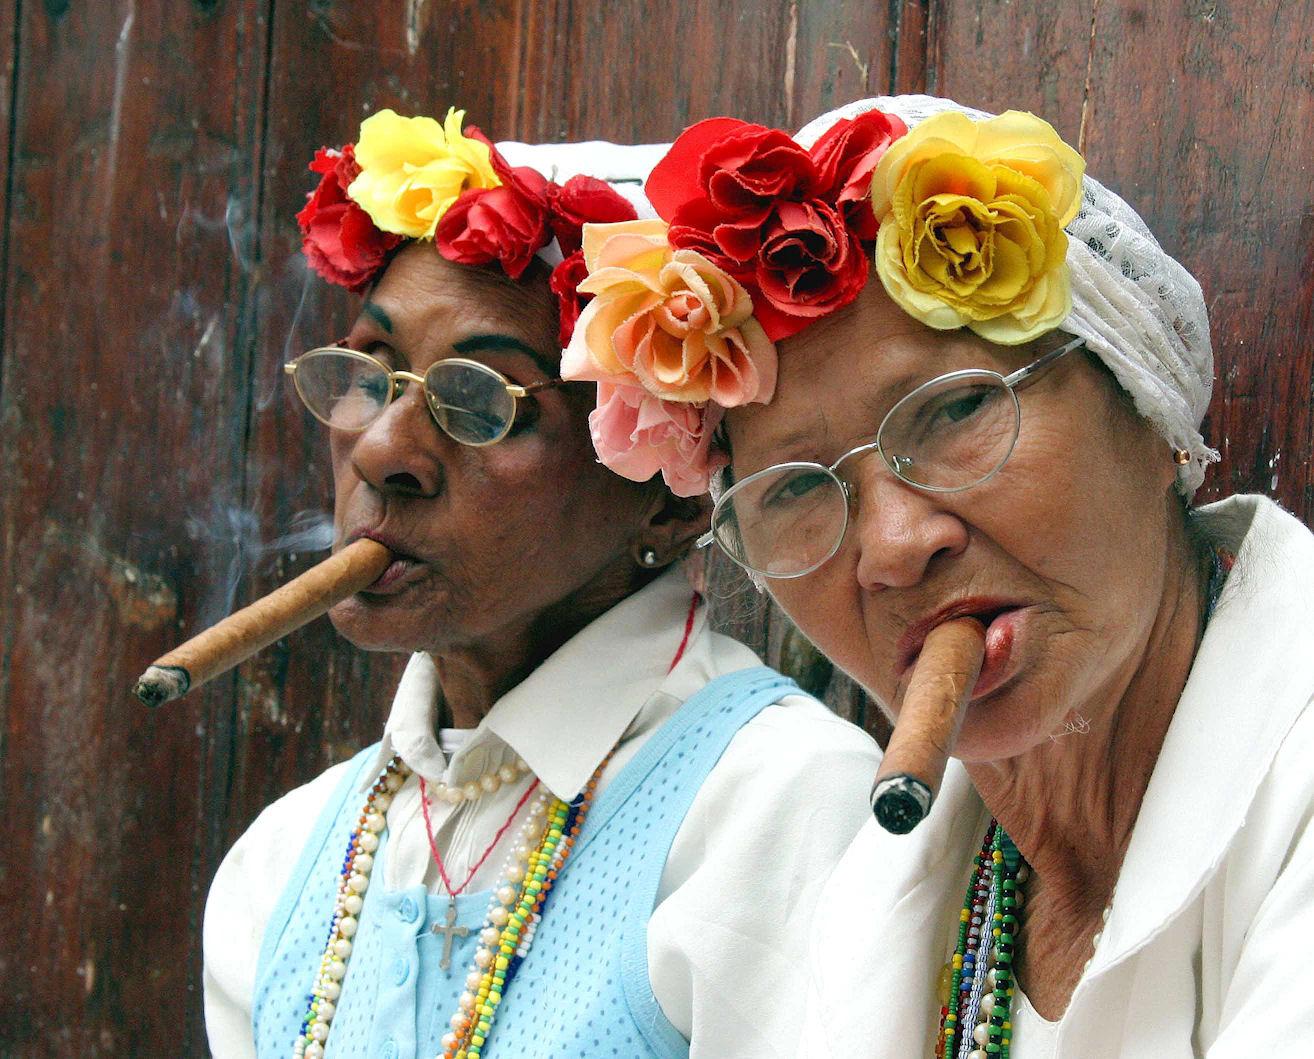 old-ladies_cigars1.jpg